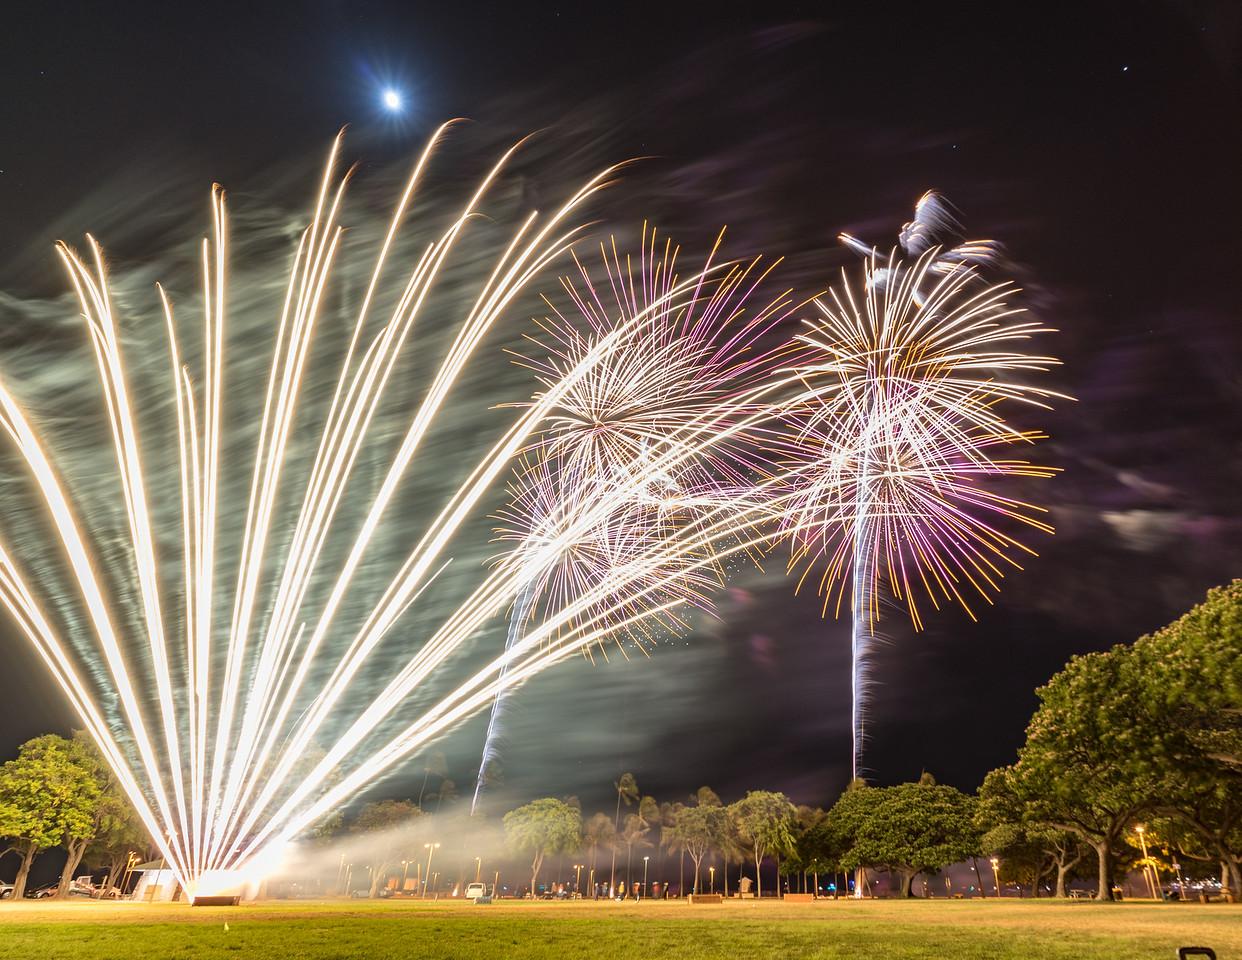 Fan of Fireworks